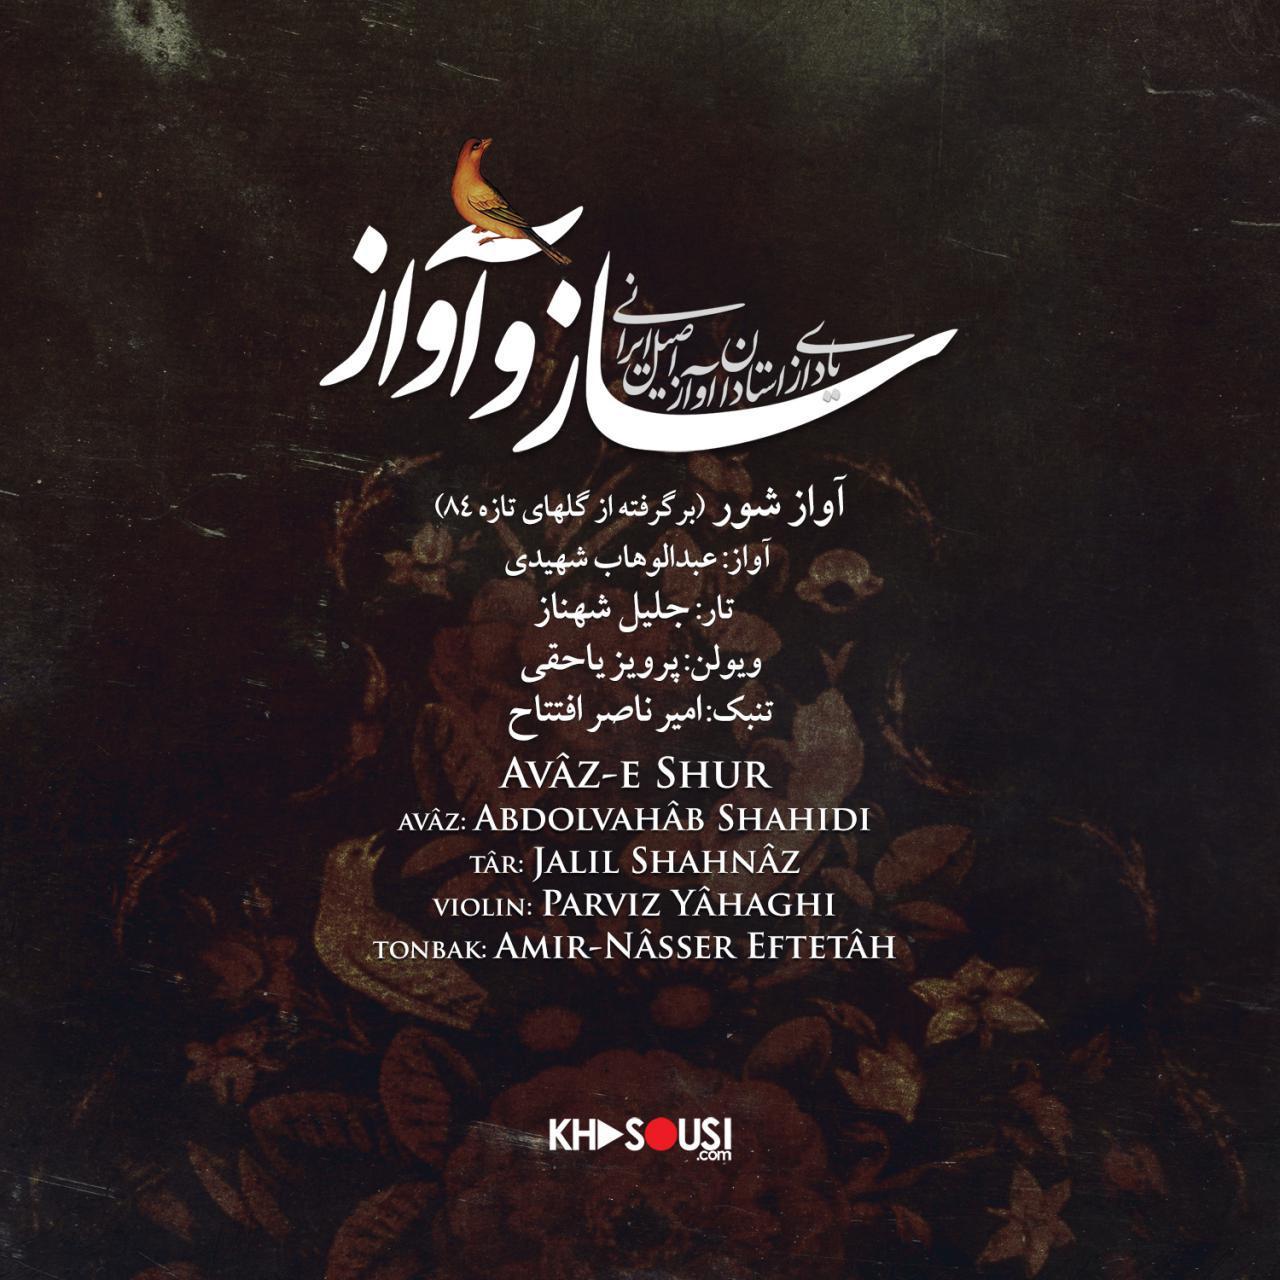 ساز و آواز – آواز شور از گلهای تازه ۸۴ – شهیدی، شهناز، یاحقی و افتتاح